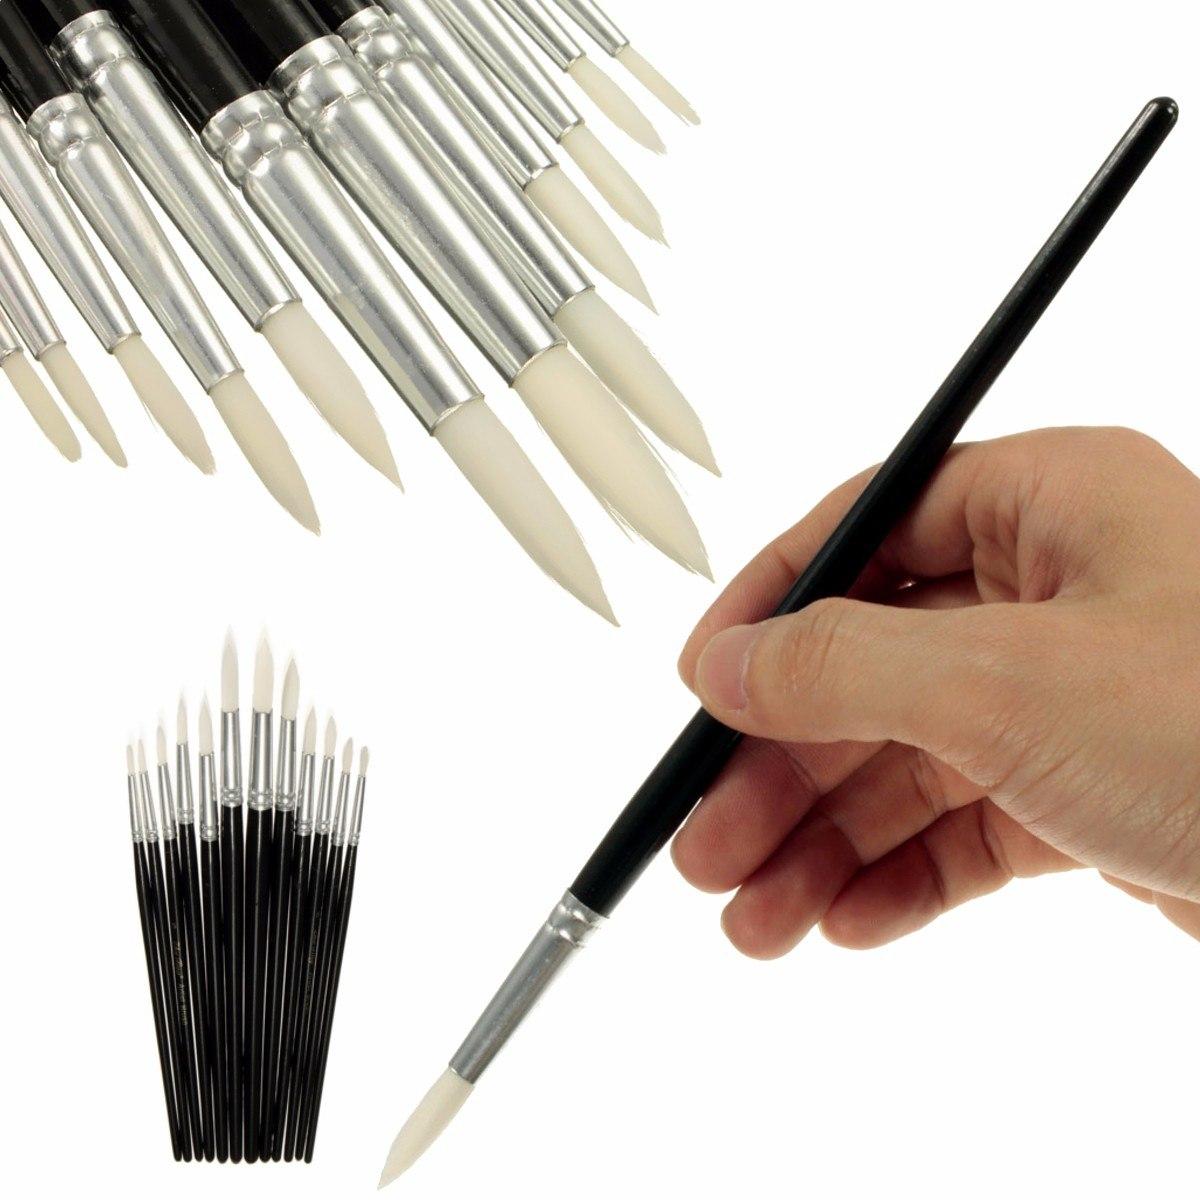 [해외]KICUTE 12pcs 페인트 브러시 아티스트 페인트 화이트 헤어 브러쉬 세트 수채화 물감 아크릴 오일 페인트 브러시 블랙/KICUTE 12pcs Paint Brush Artist Paint White Hair Brushes Set Watercolour Pain